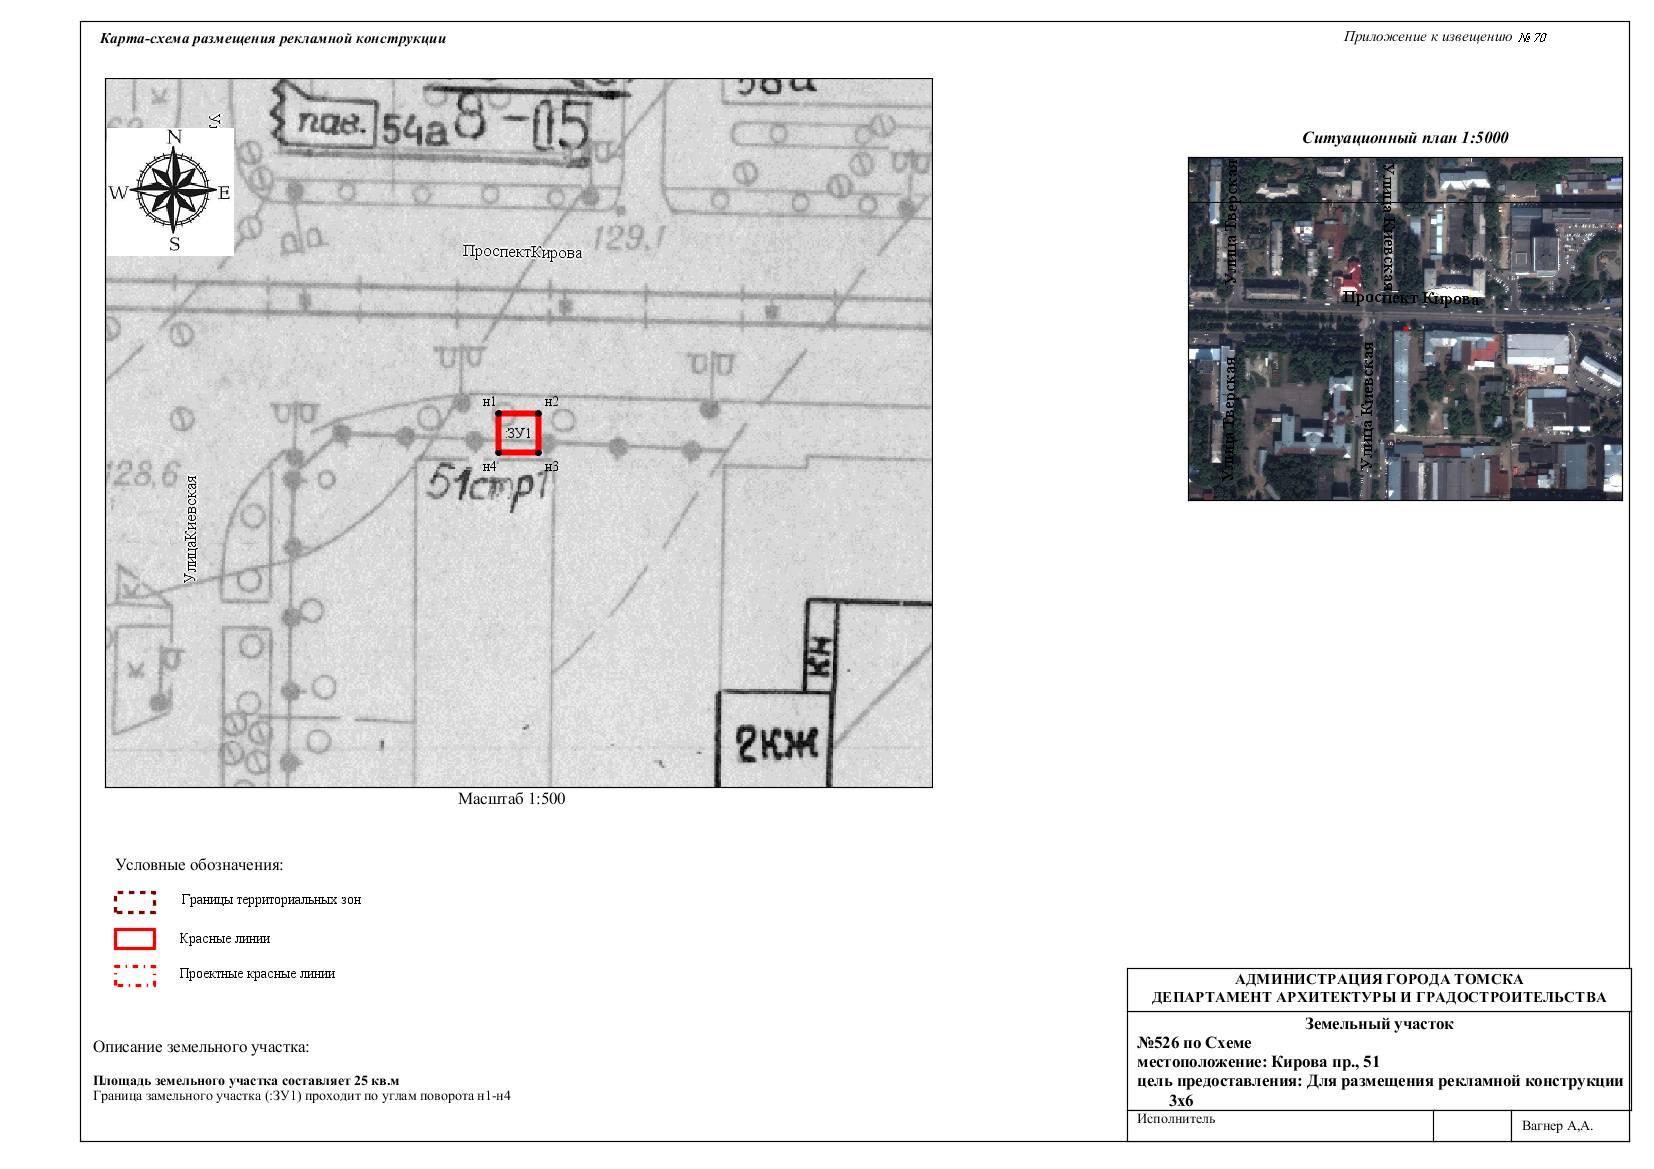 План схема расположения видеокамер